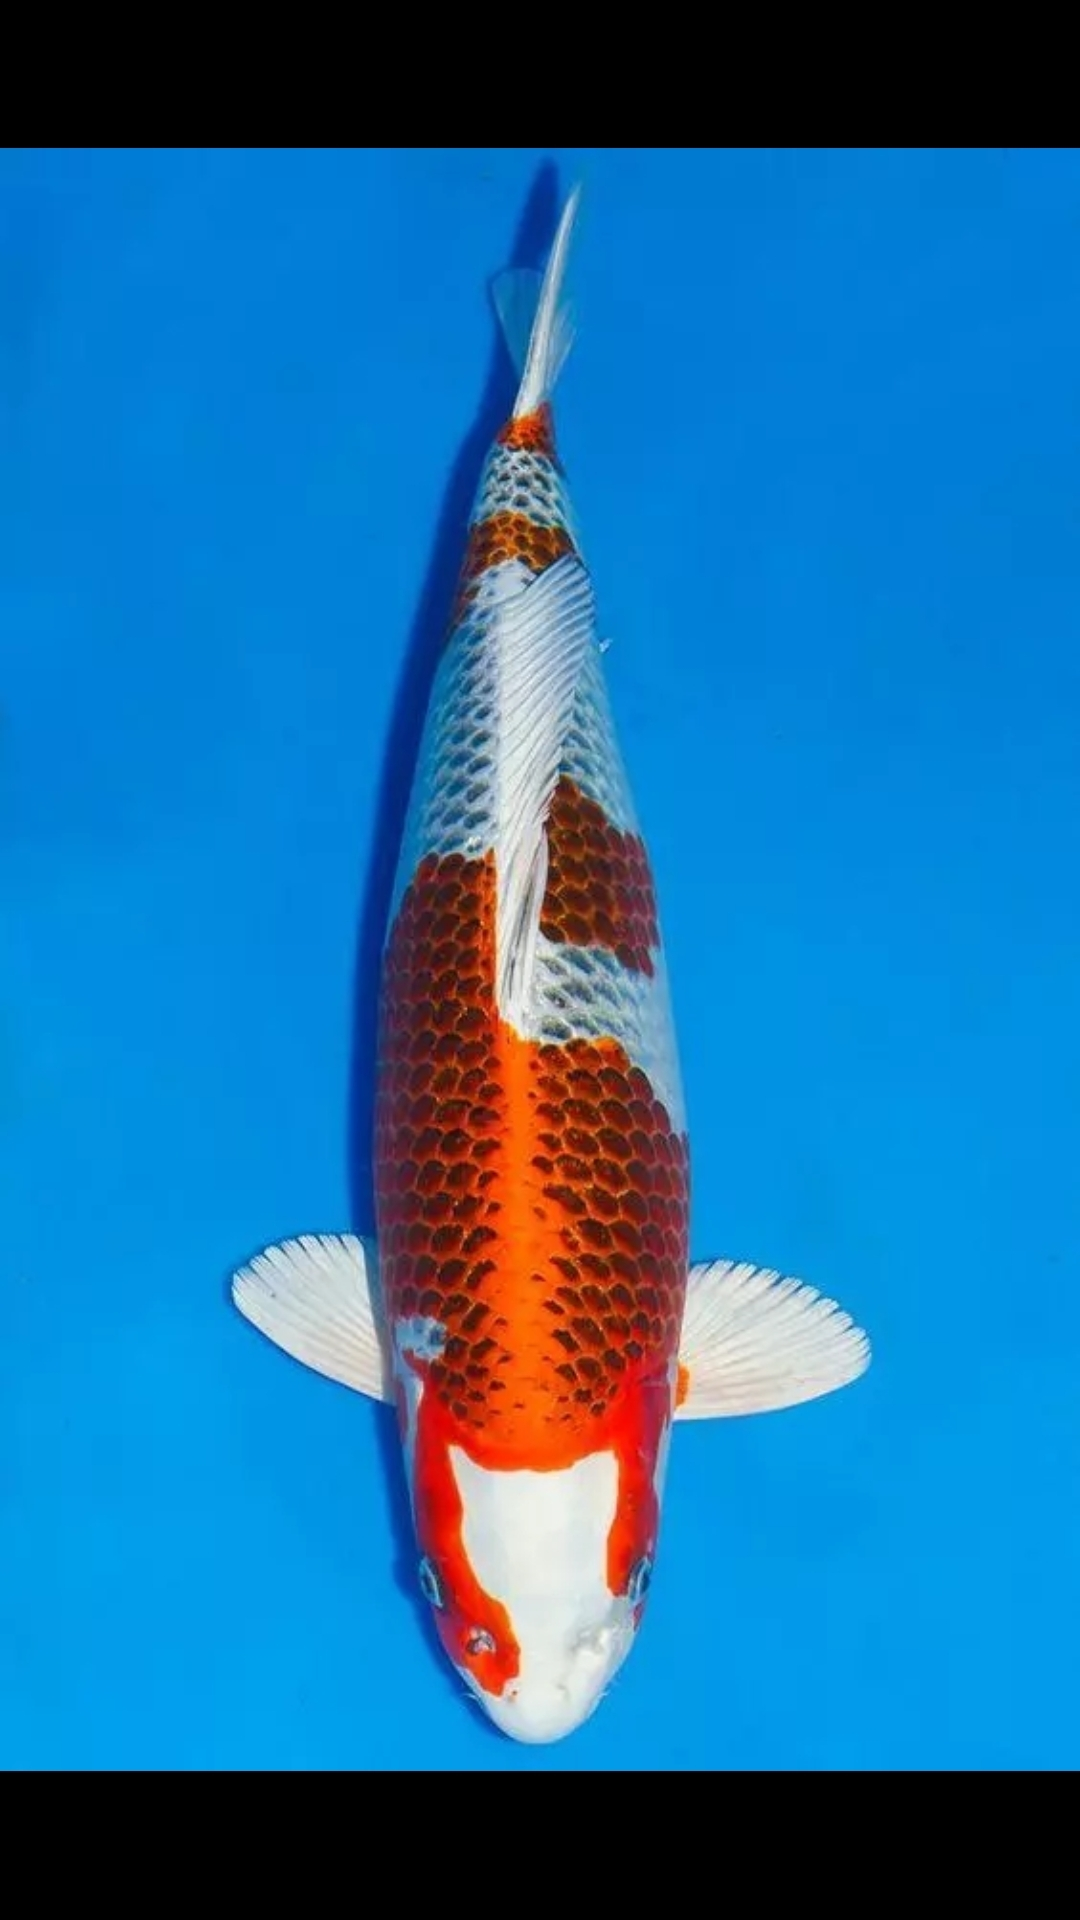 【西安白子魟鱼】锦鲤第八篇 西安观赏鱼信息 西安博特第4张